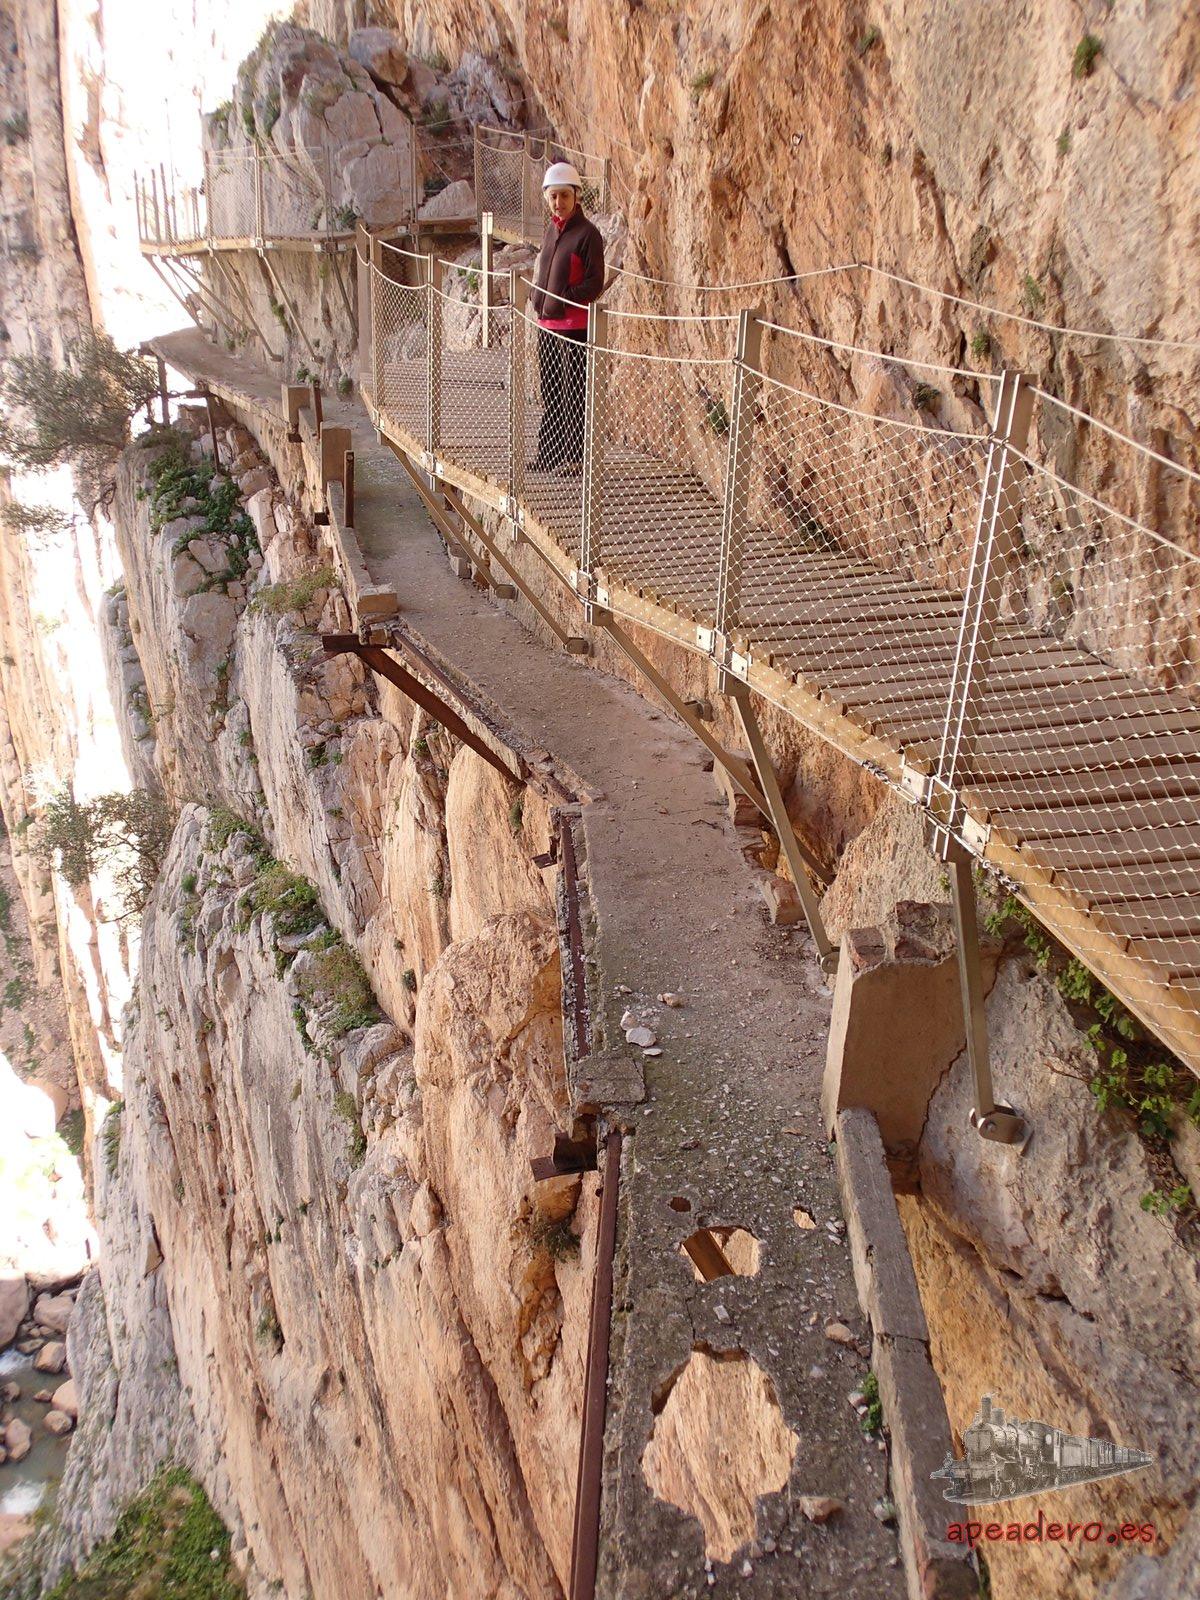 Viejas pasarelas de El Caminito del rey